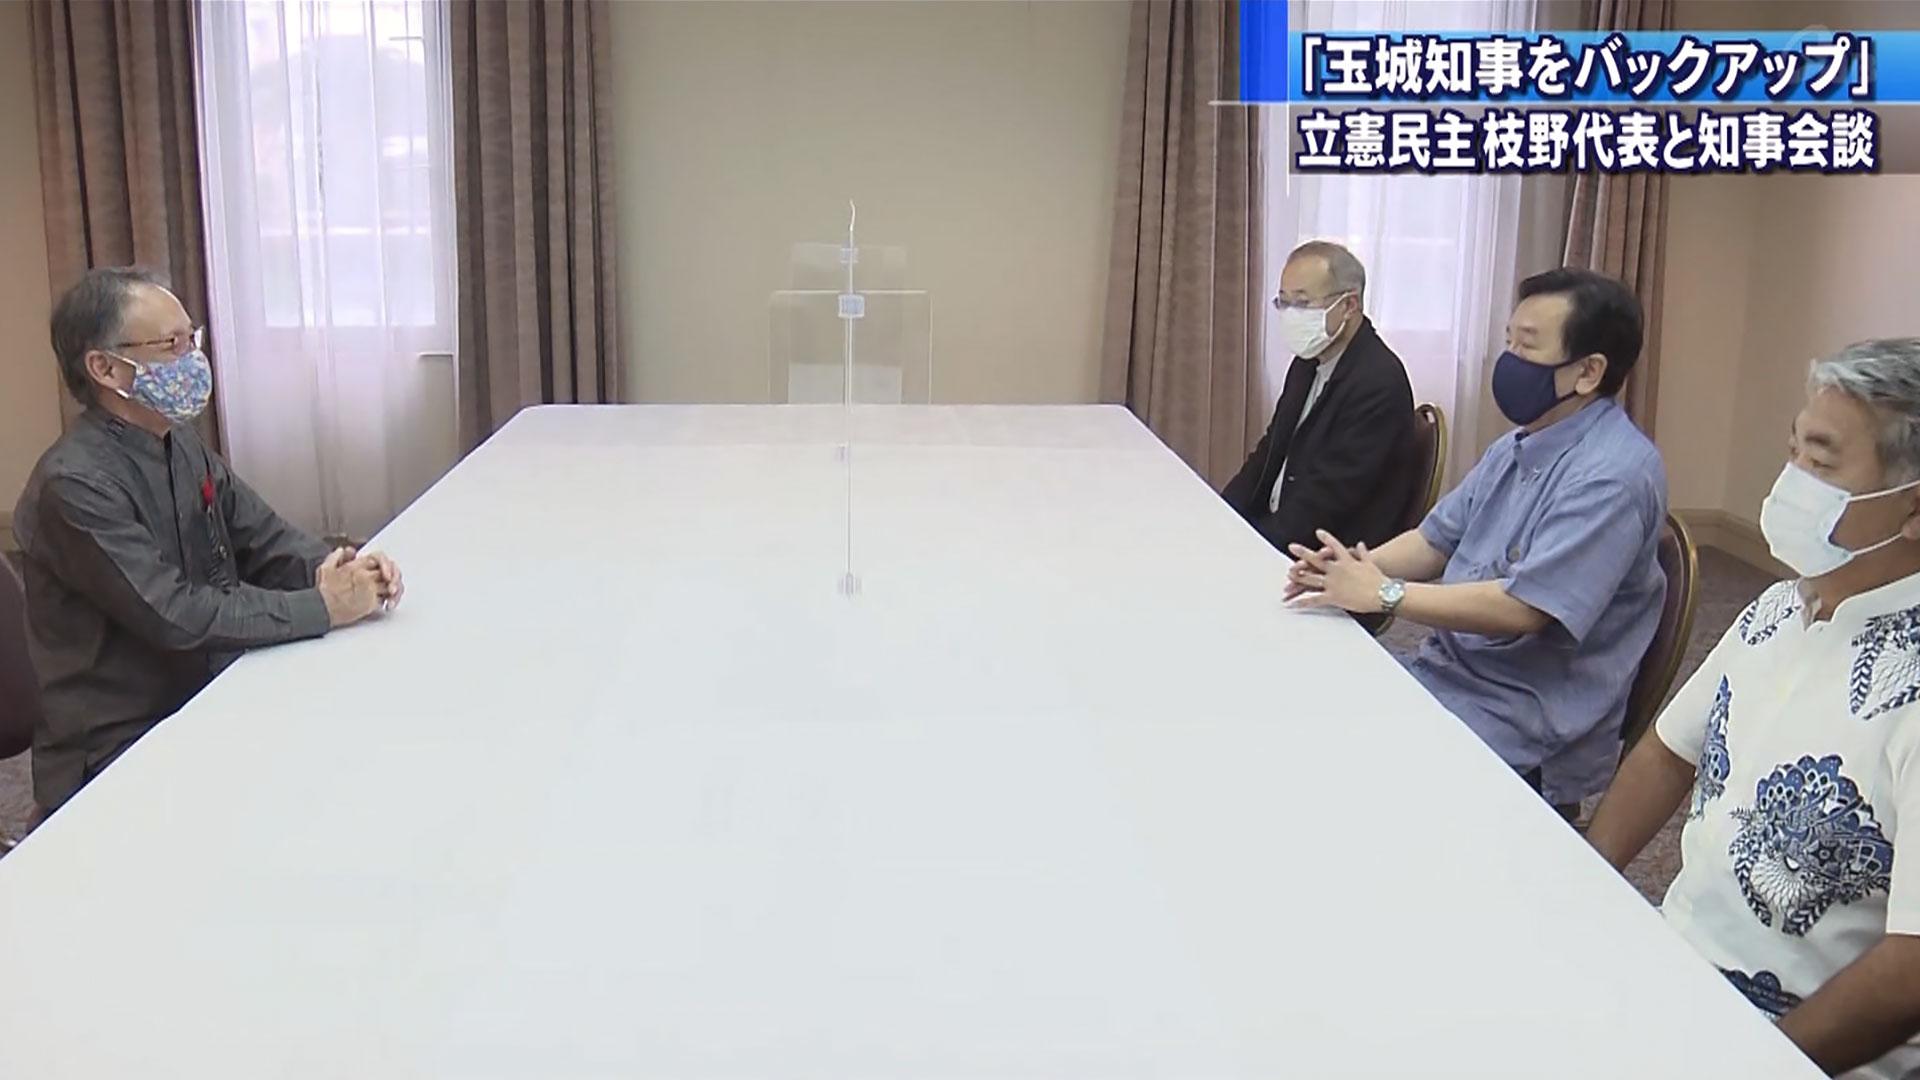 立憲民主党枝野代表と玉城知事が会談